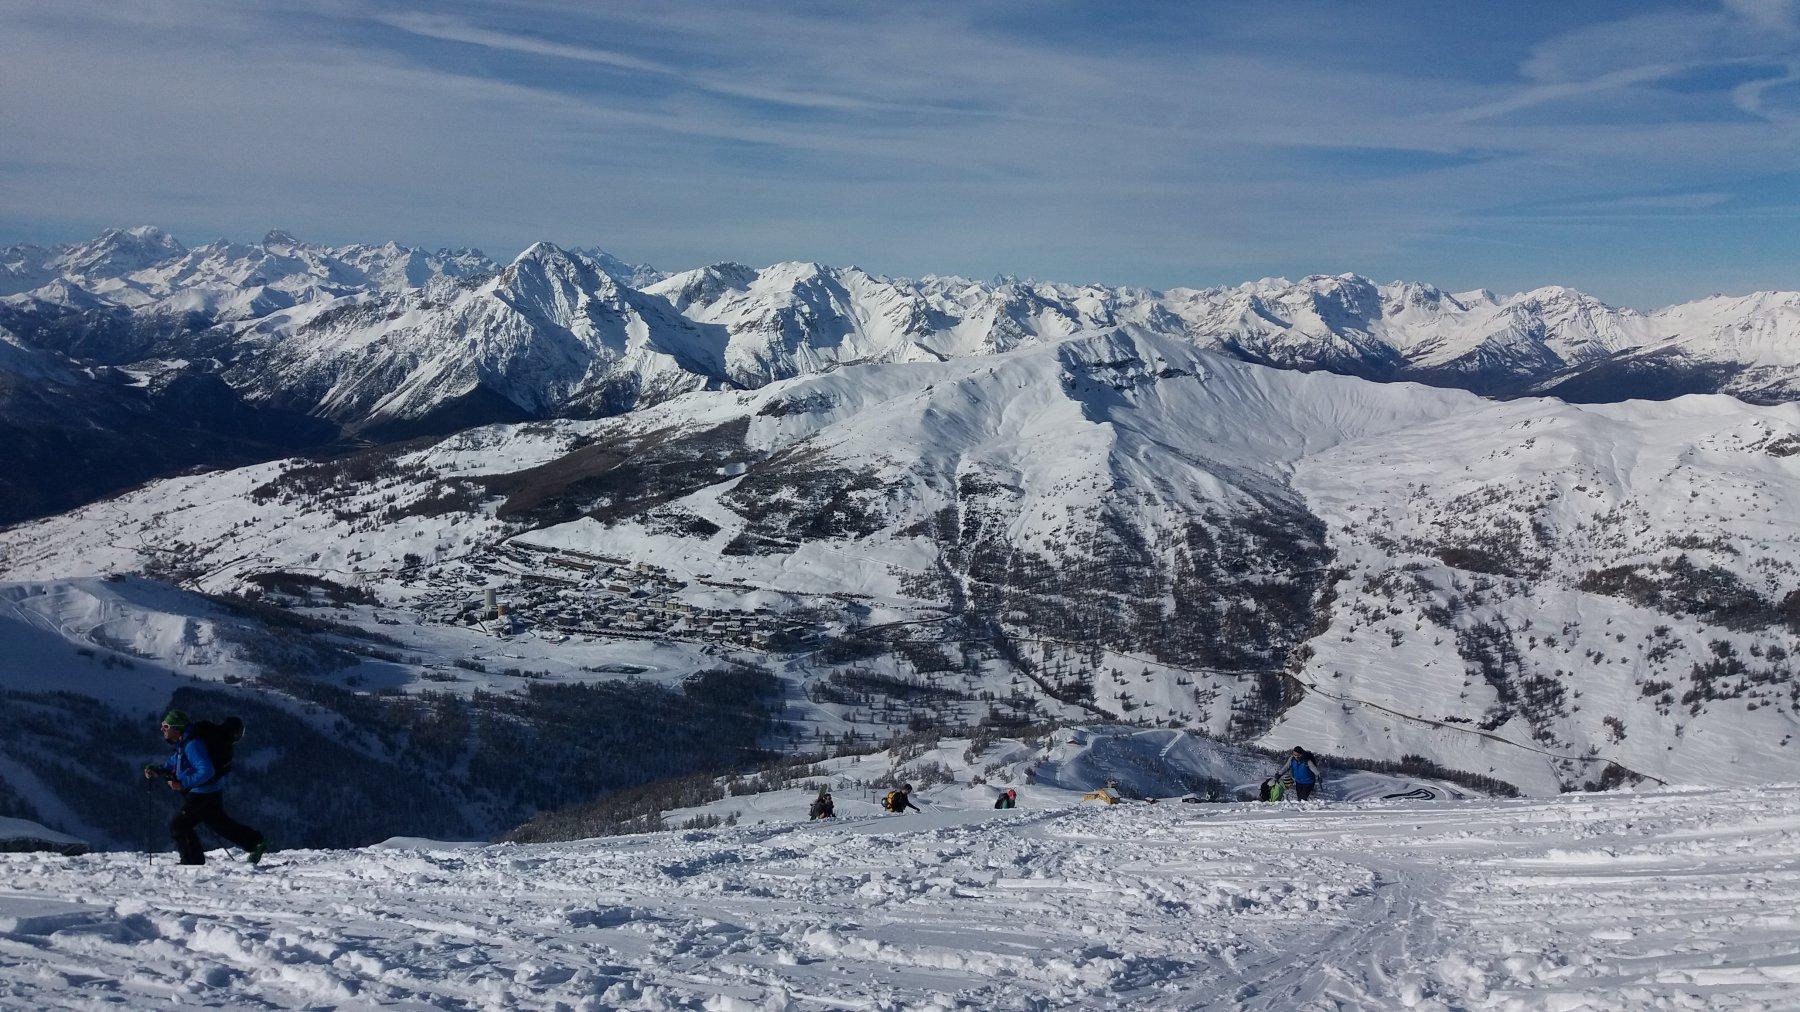 Dalla cima, panorama quasi invernale